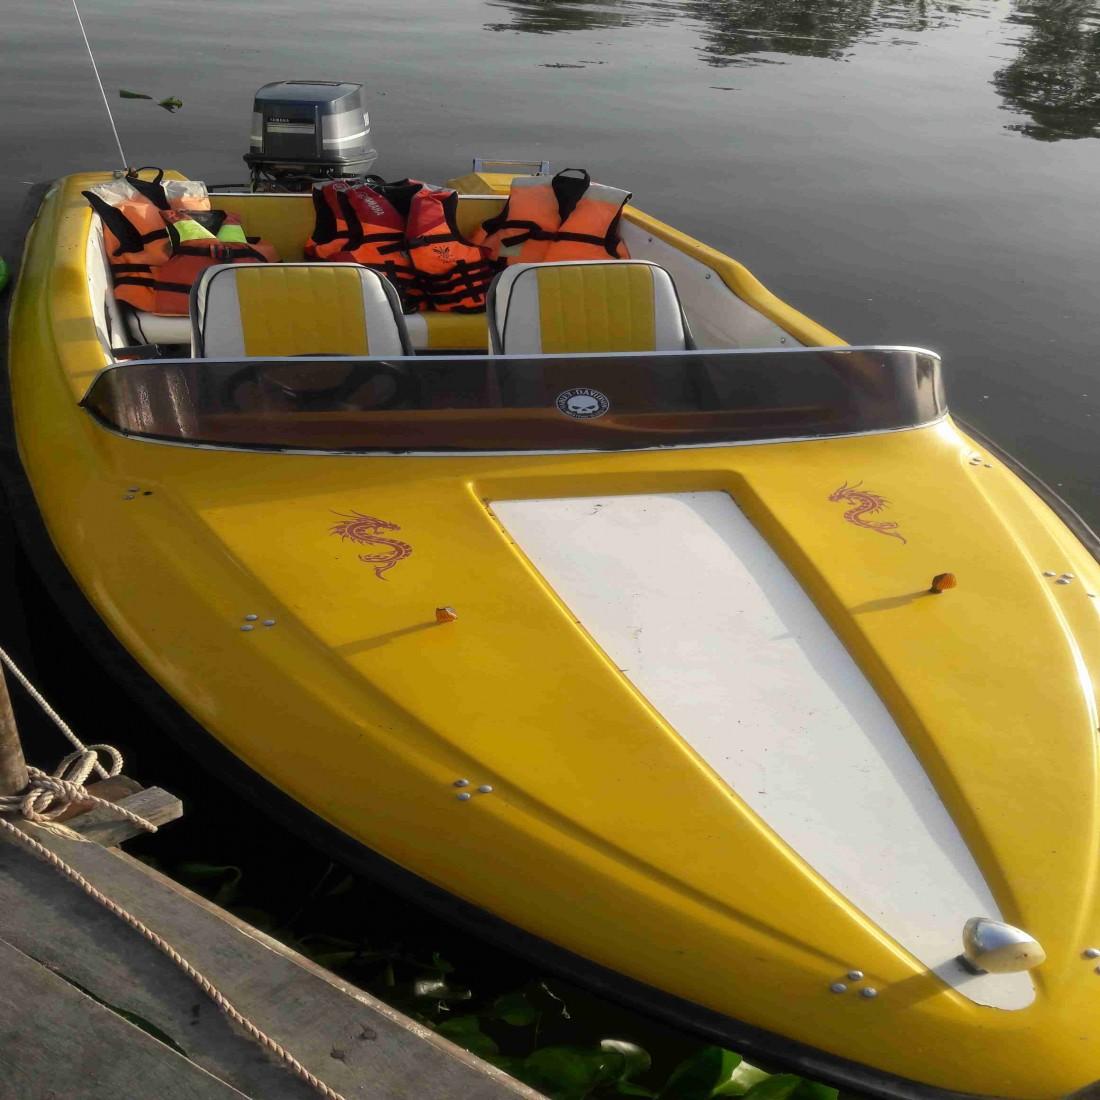 فروش قایق تفریحی باموتور ۸۵